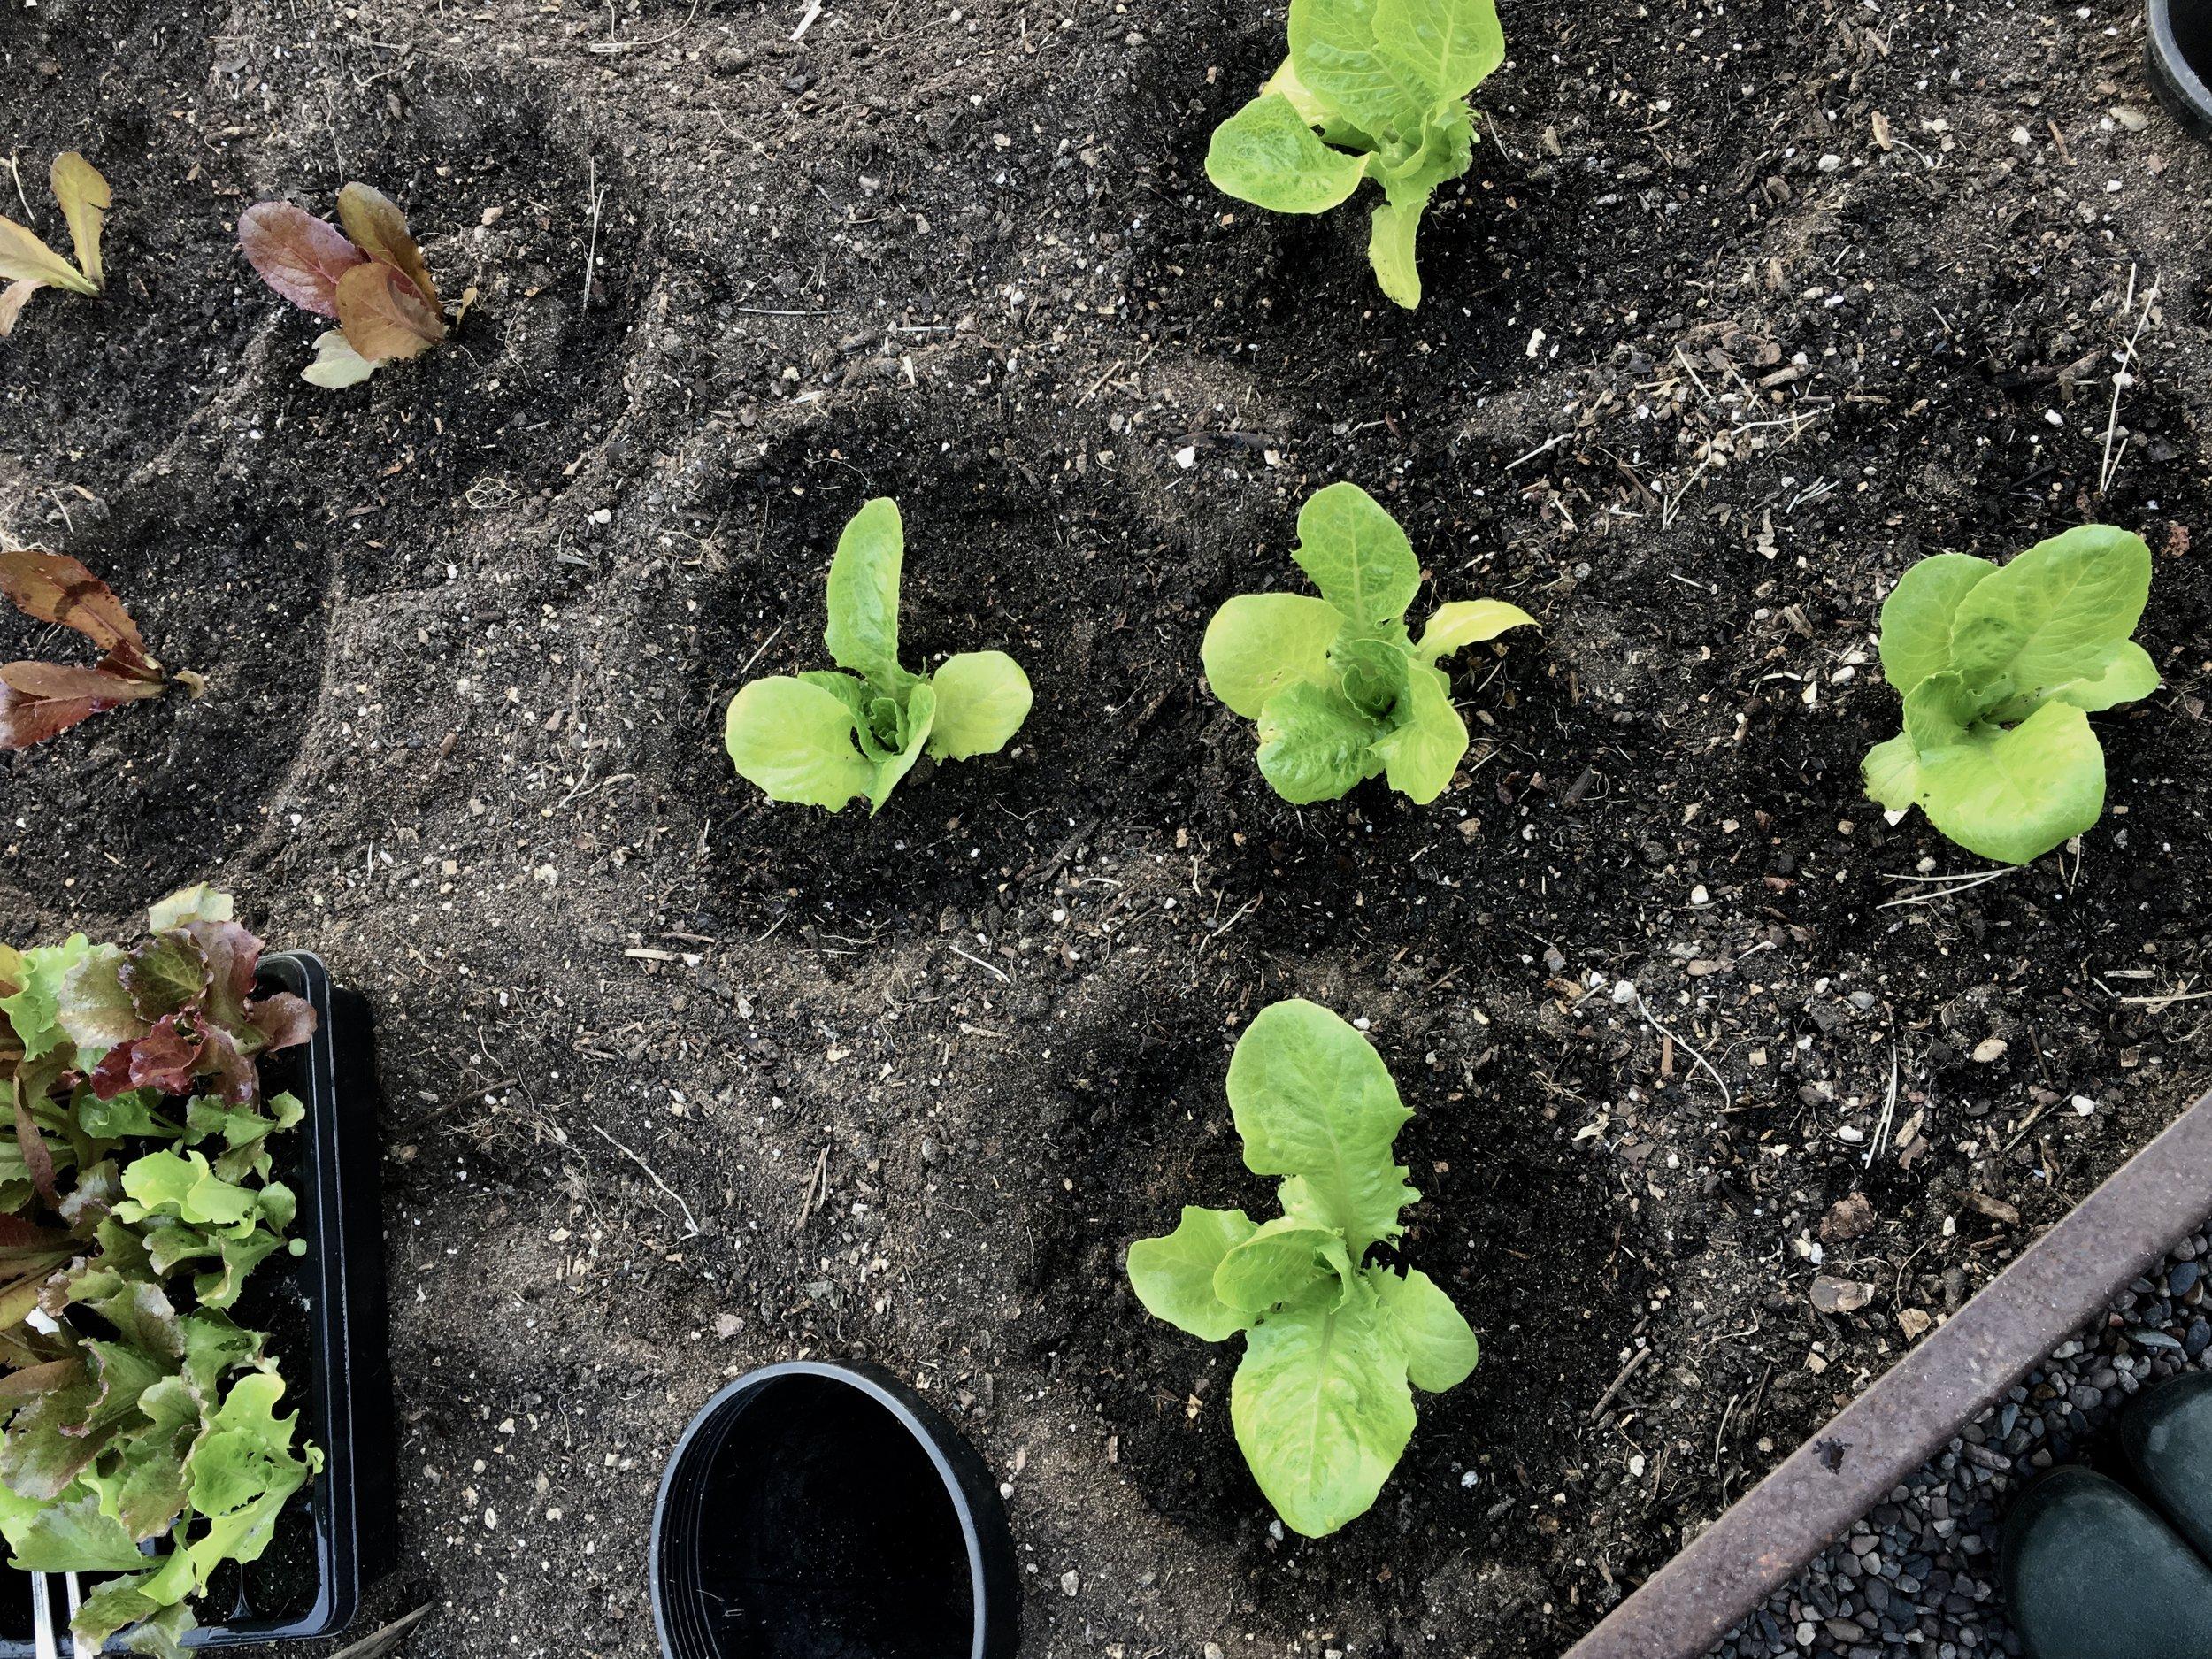 Jericho and Cimarron lettuces.